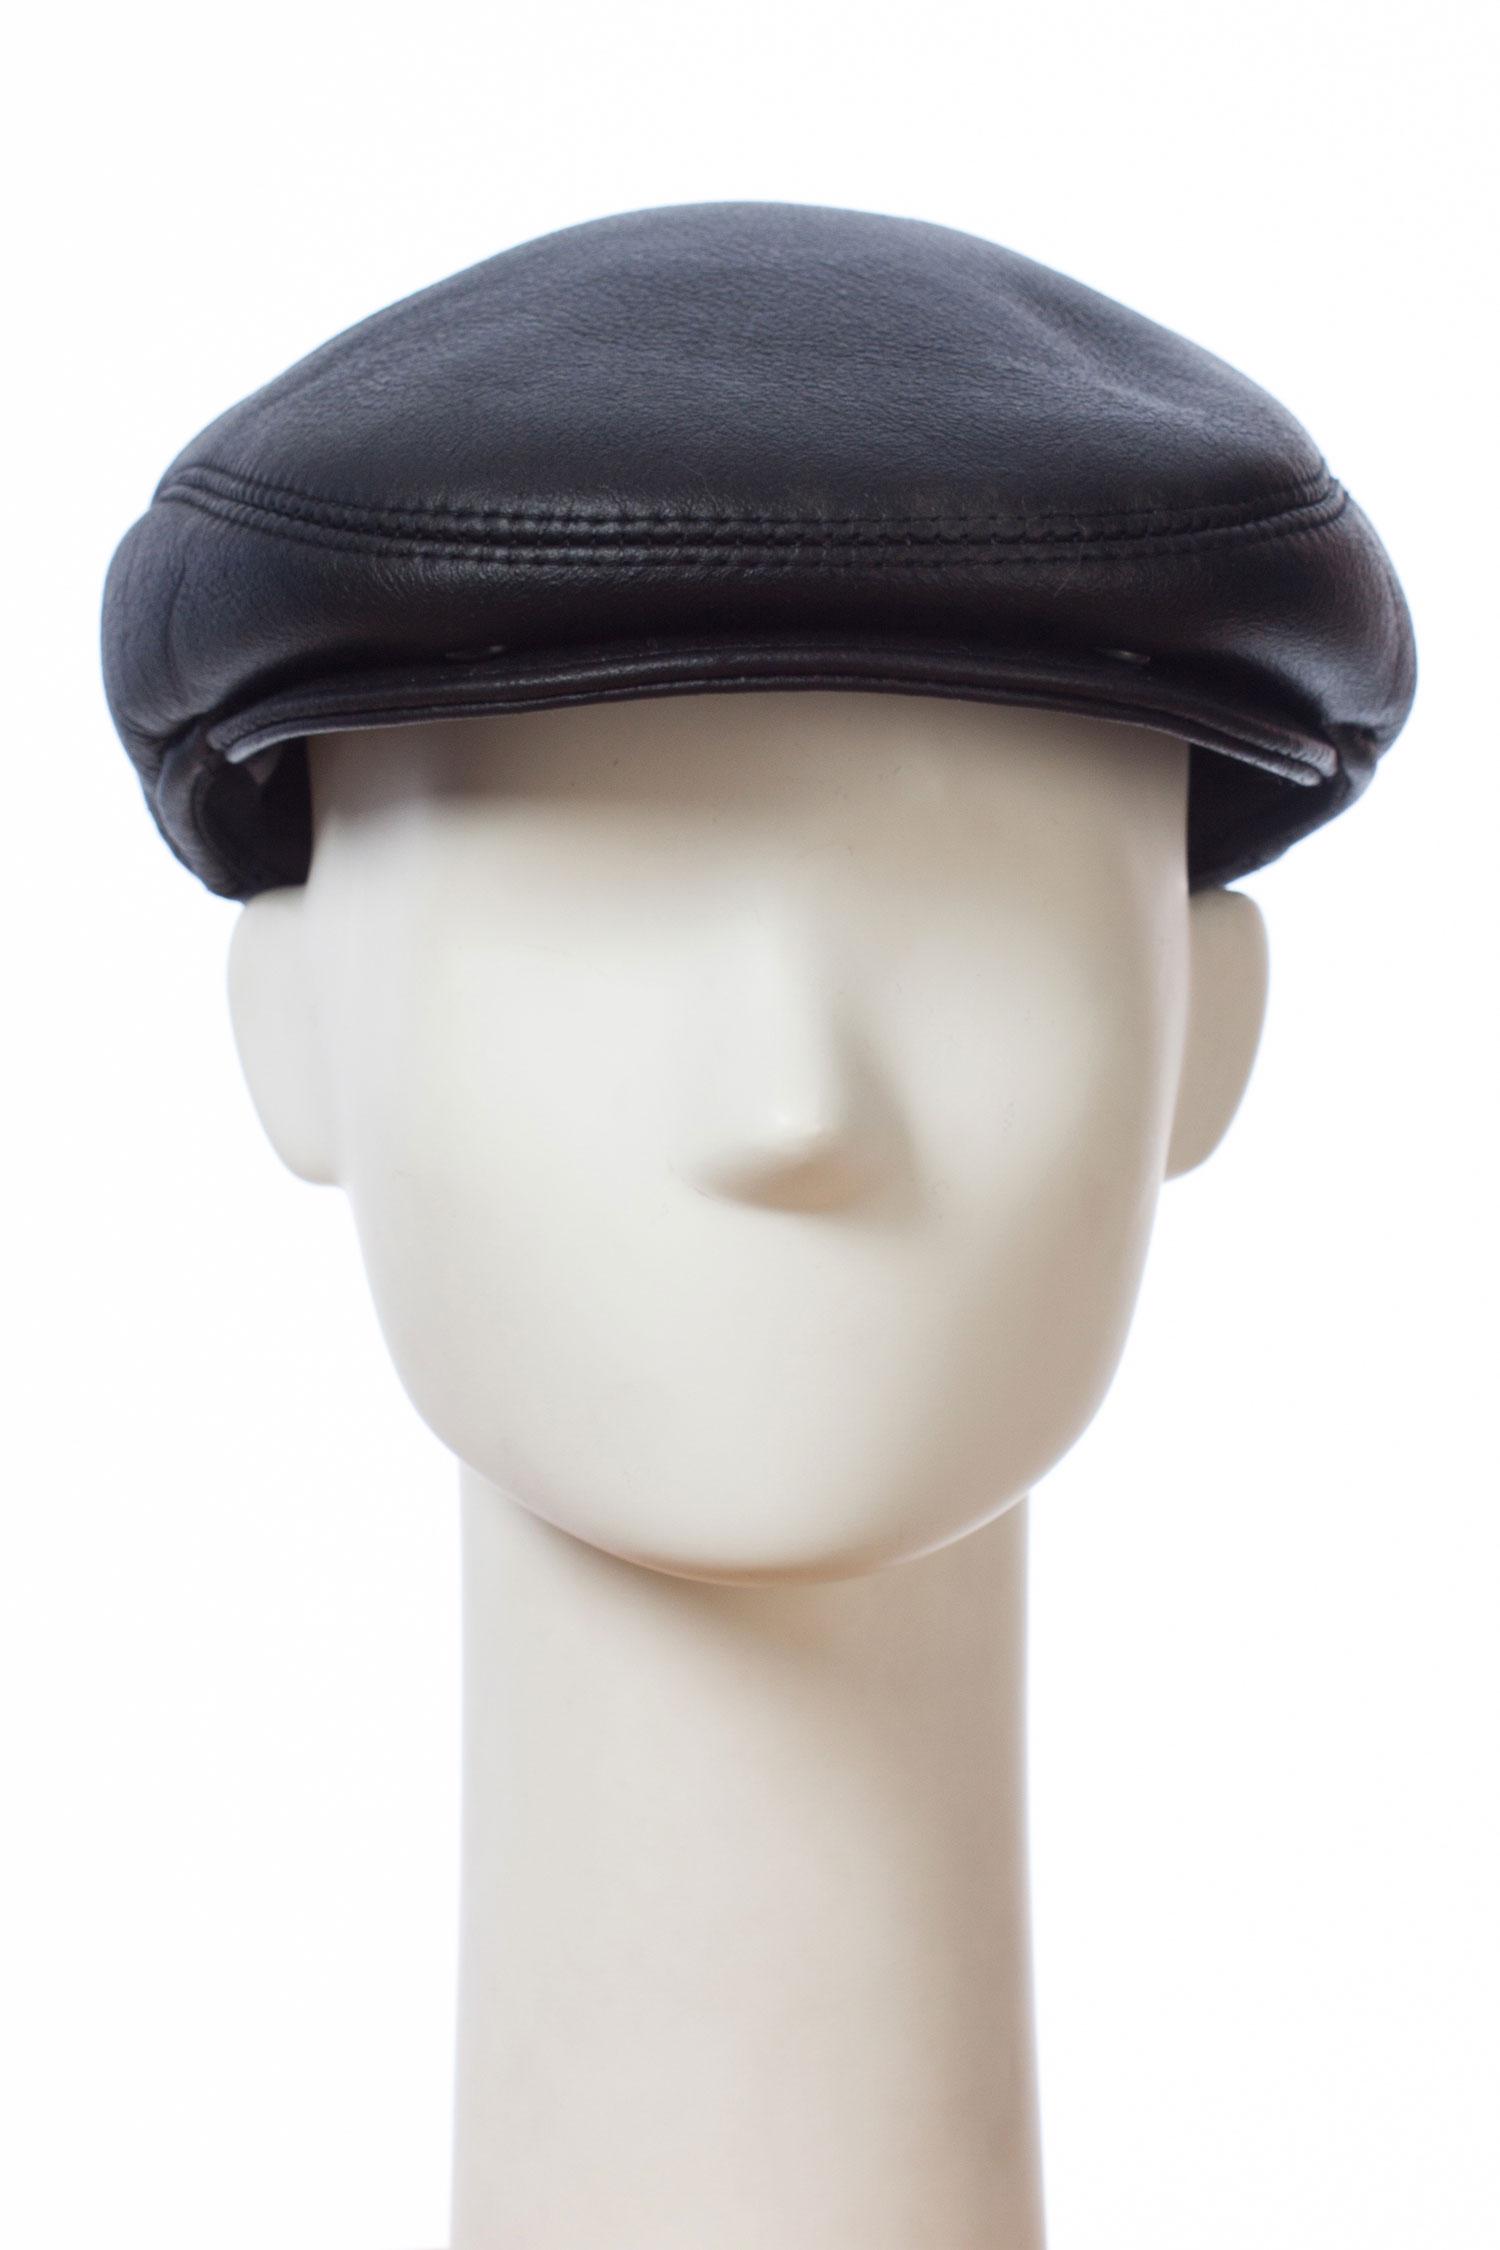 Шапка мужская из натуральной кожи и овчиныКлассическая мужская кепка из натуральной кожи специальной выработки Силк, с мехом ОВЧИНА изнутри.<br><br>Силк -это добротное, тонкое, красивое покрытие. Создают его за счет пропитки замши специальным раствором, смешанным с резиновой массой.<br><br>Материал: Кожа овчина<br>Цвет: черный<br>Размер RU: 58-59